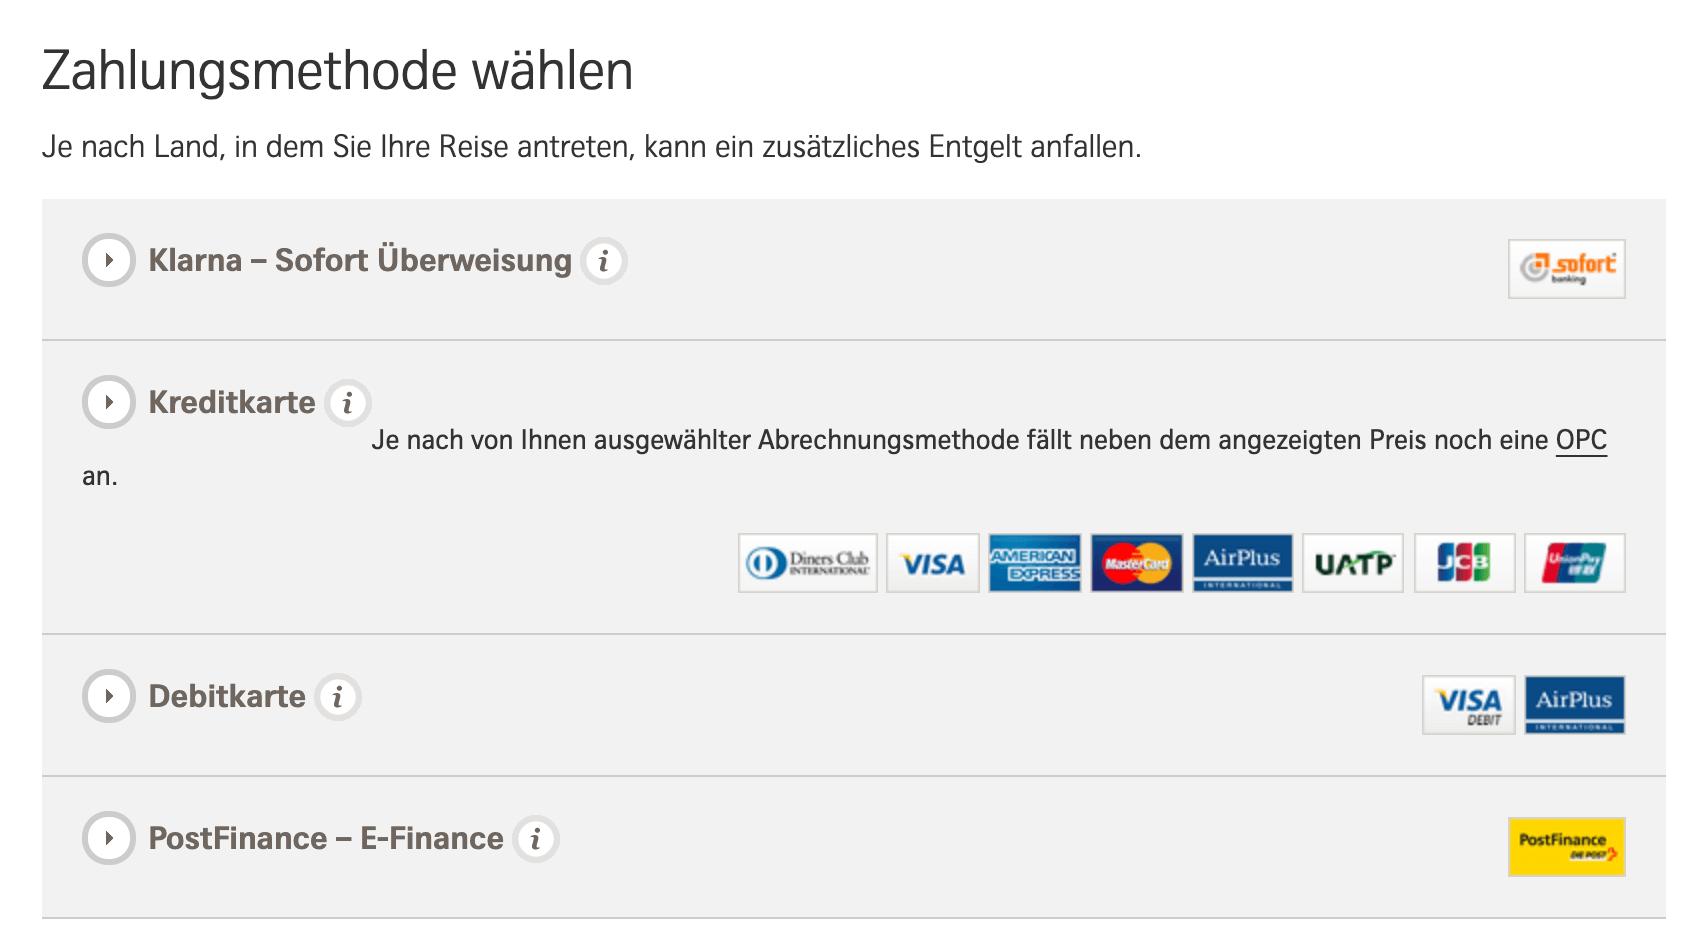 Swiss Zahlung ohne Kreditkarte